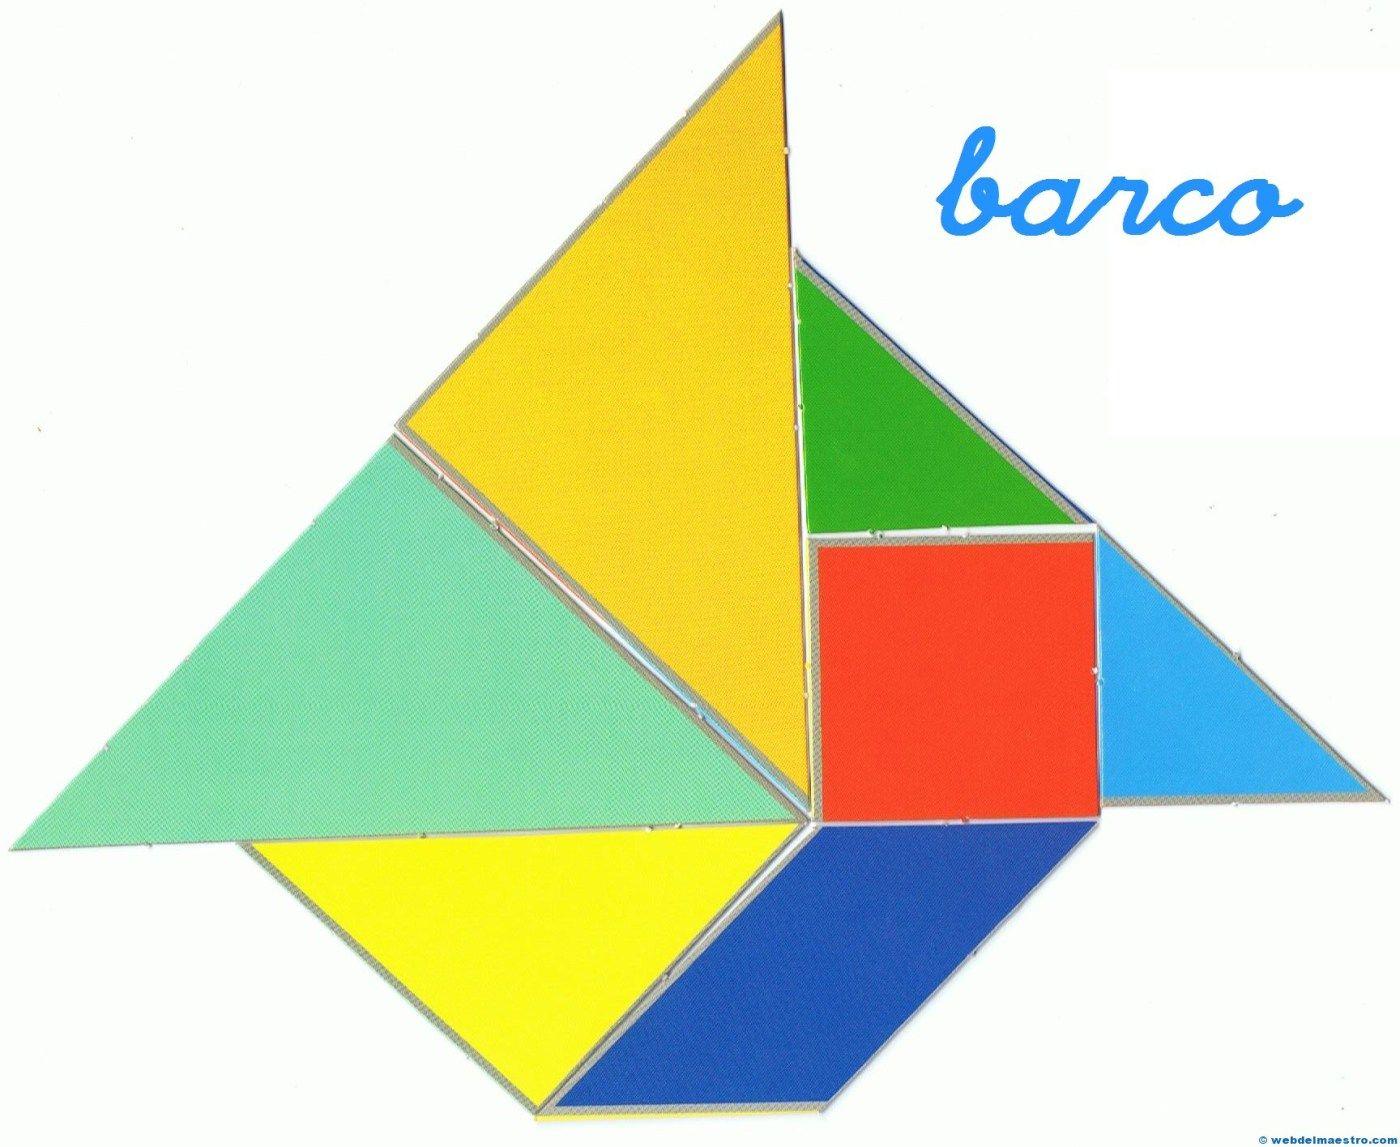 figuras faciles con tangram